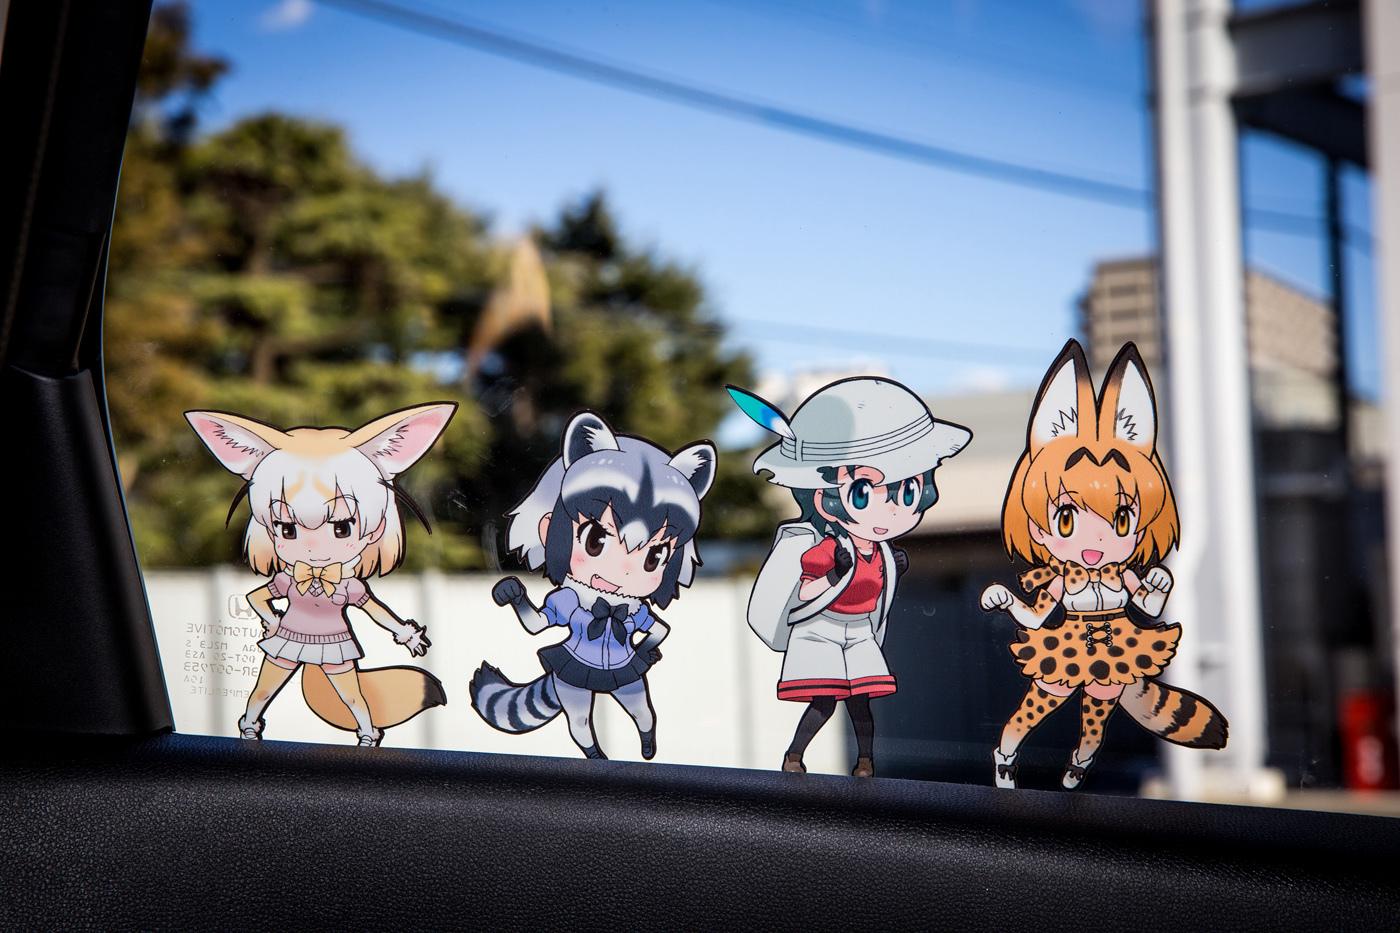 外側から見るとシルエットでも、車内側から見るとちゃんとキャラクターが見えるという